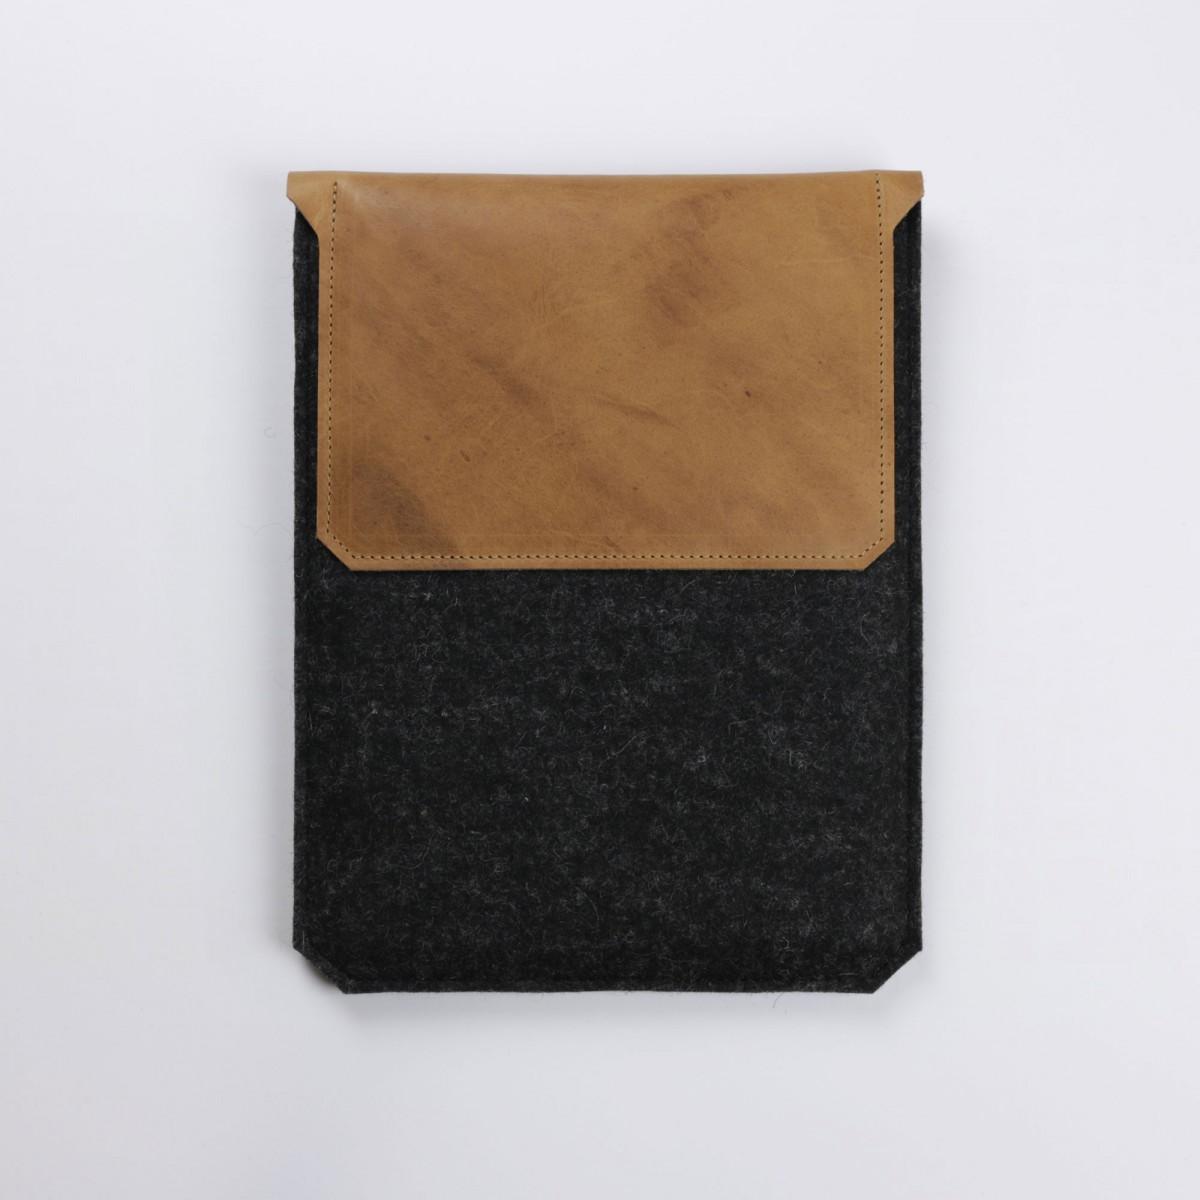 Hülle für iPad mini / iPad mini 2 / iPad mini 3 in einzigartigem Design.